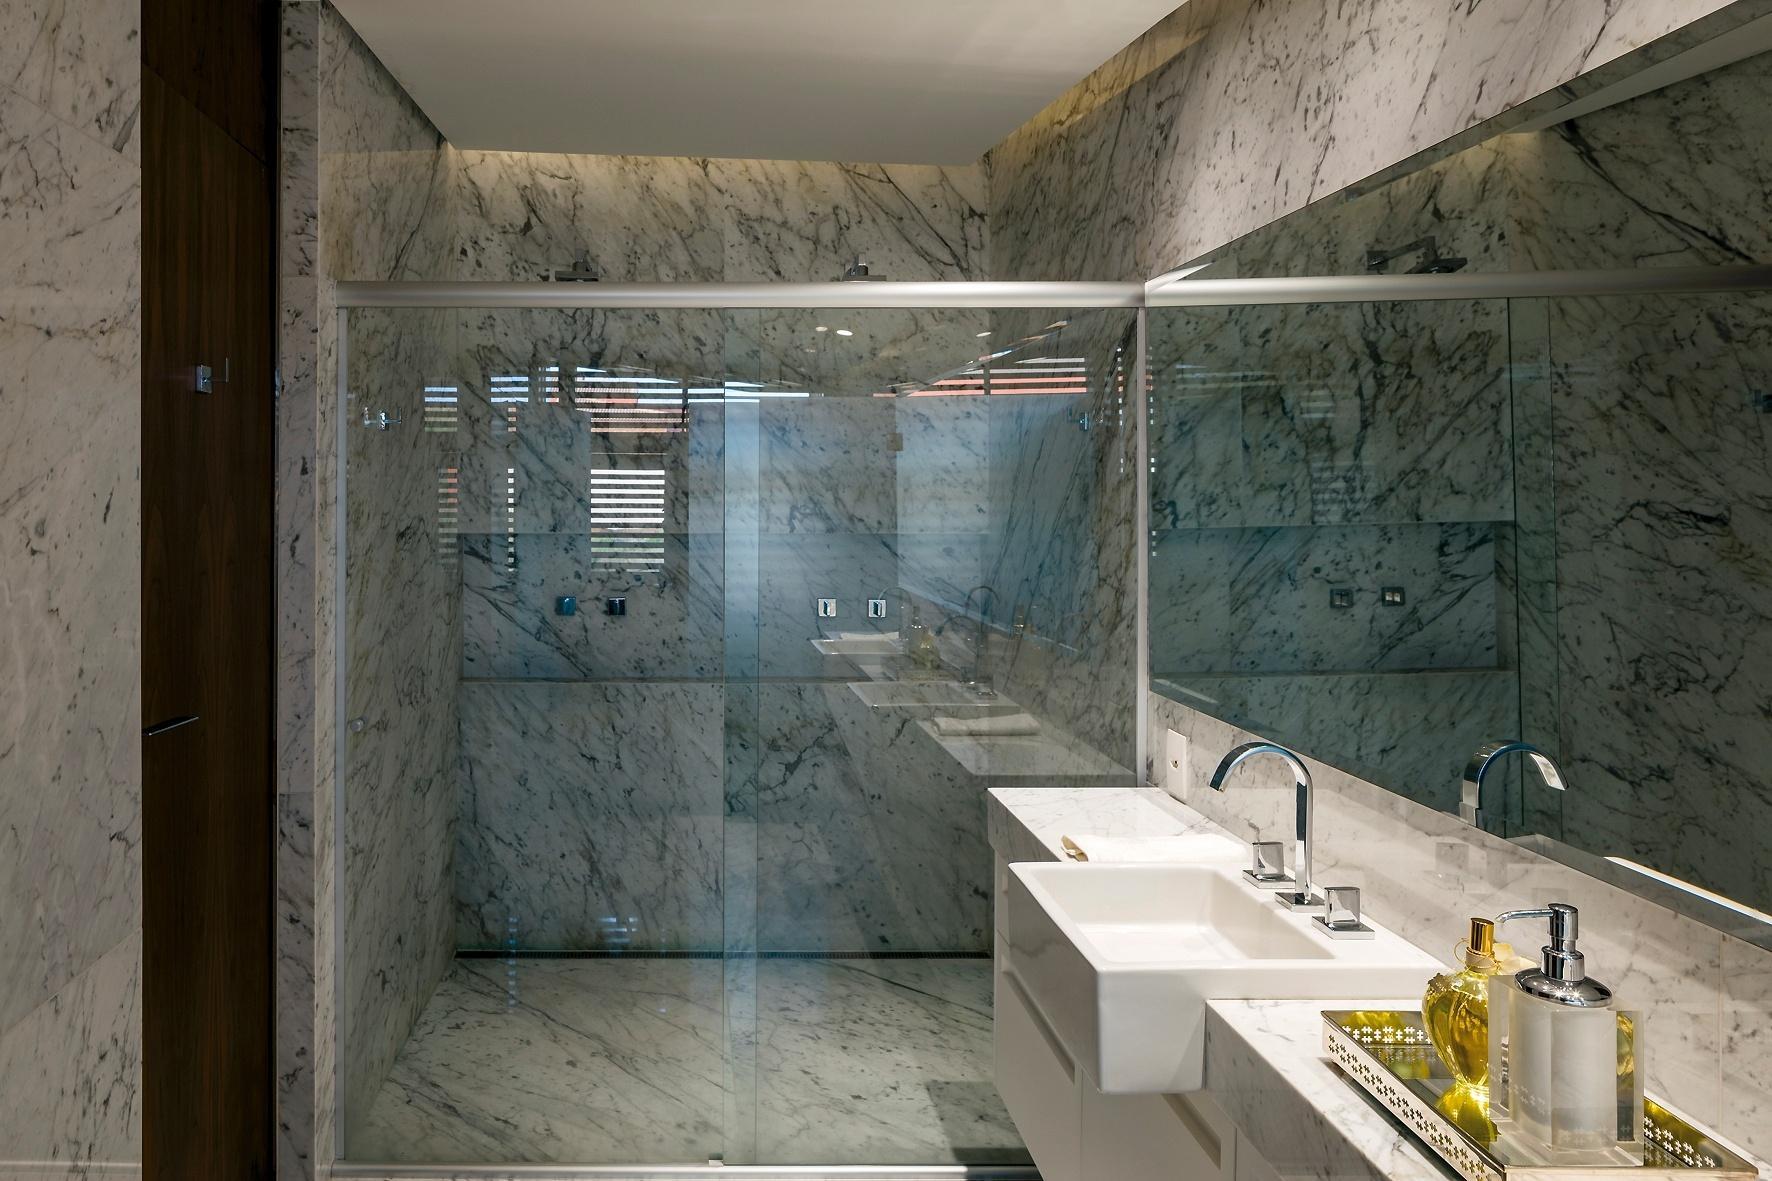 Banheiros: sugestões para decoração tendo muito ou pouco espaço  #7A6951 1772 1181